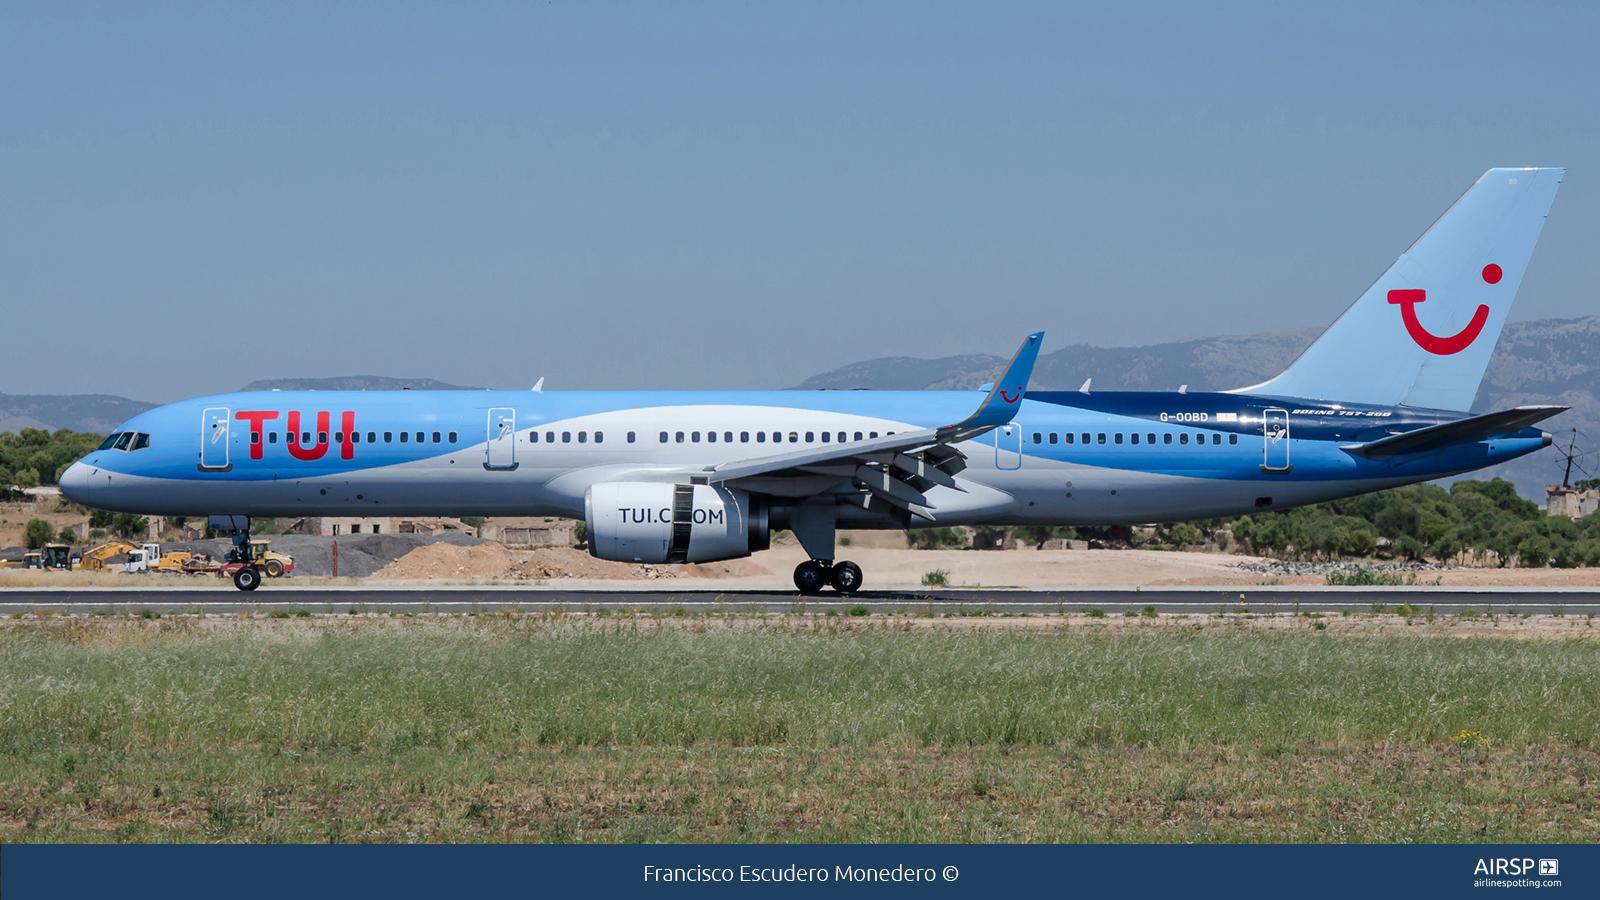 Tui AirwaysBoeing 757-200G-OOBD